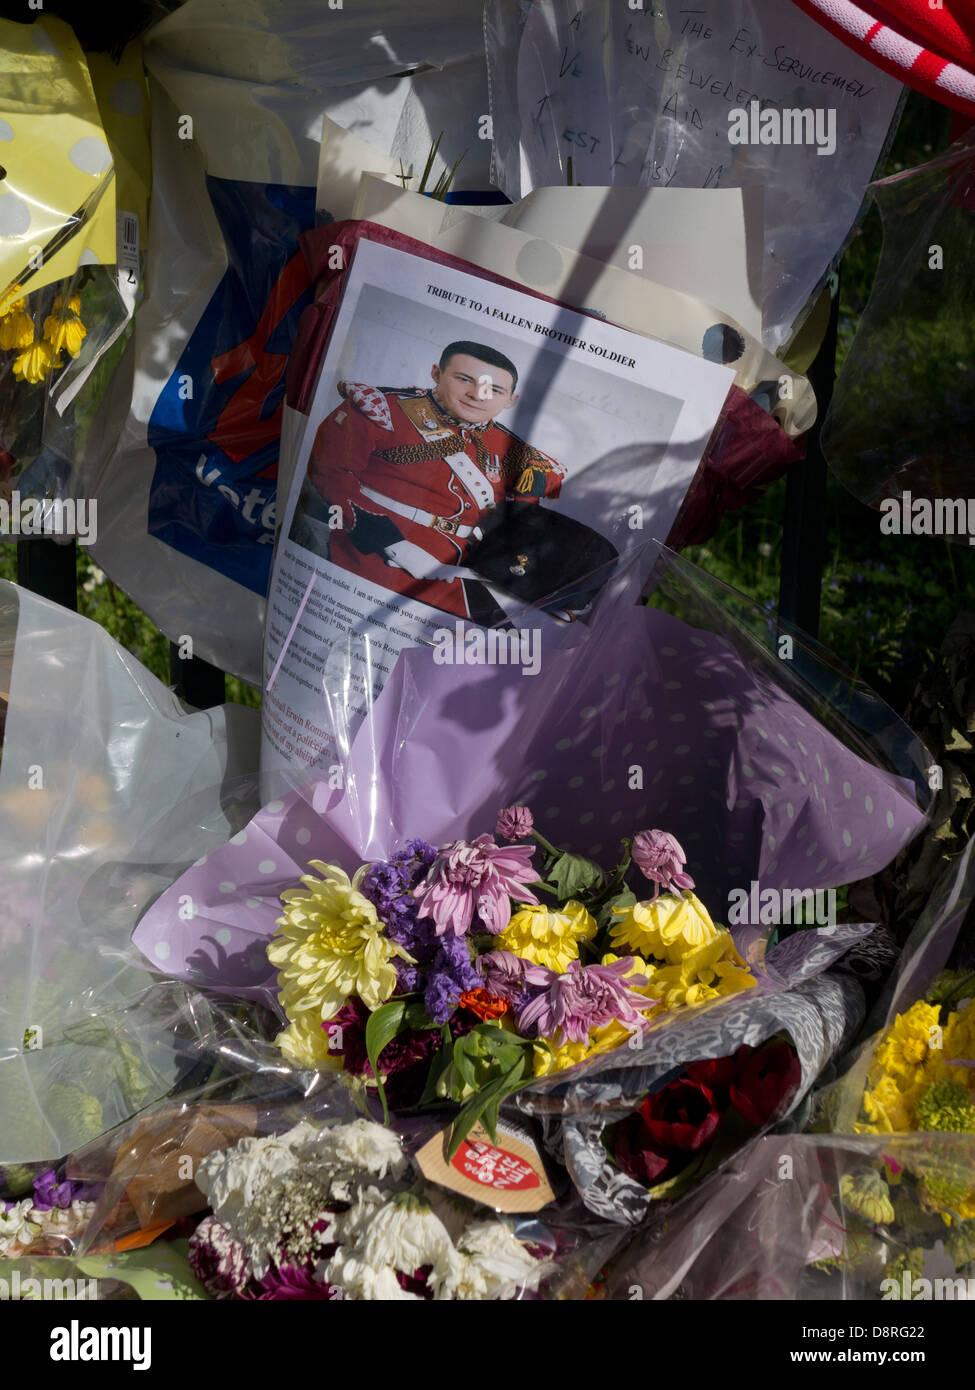 Tributs floraux pour le batteur Lee Rigby, tués en dehors des casernes de Woolwich, à Londres le 22 mai Banque D'Images